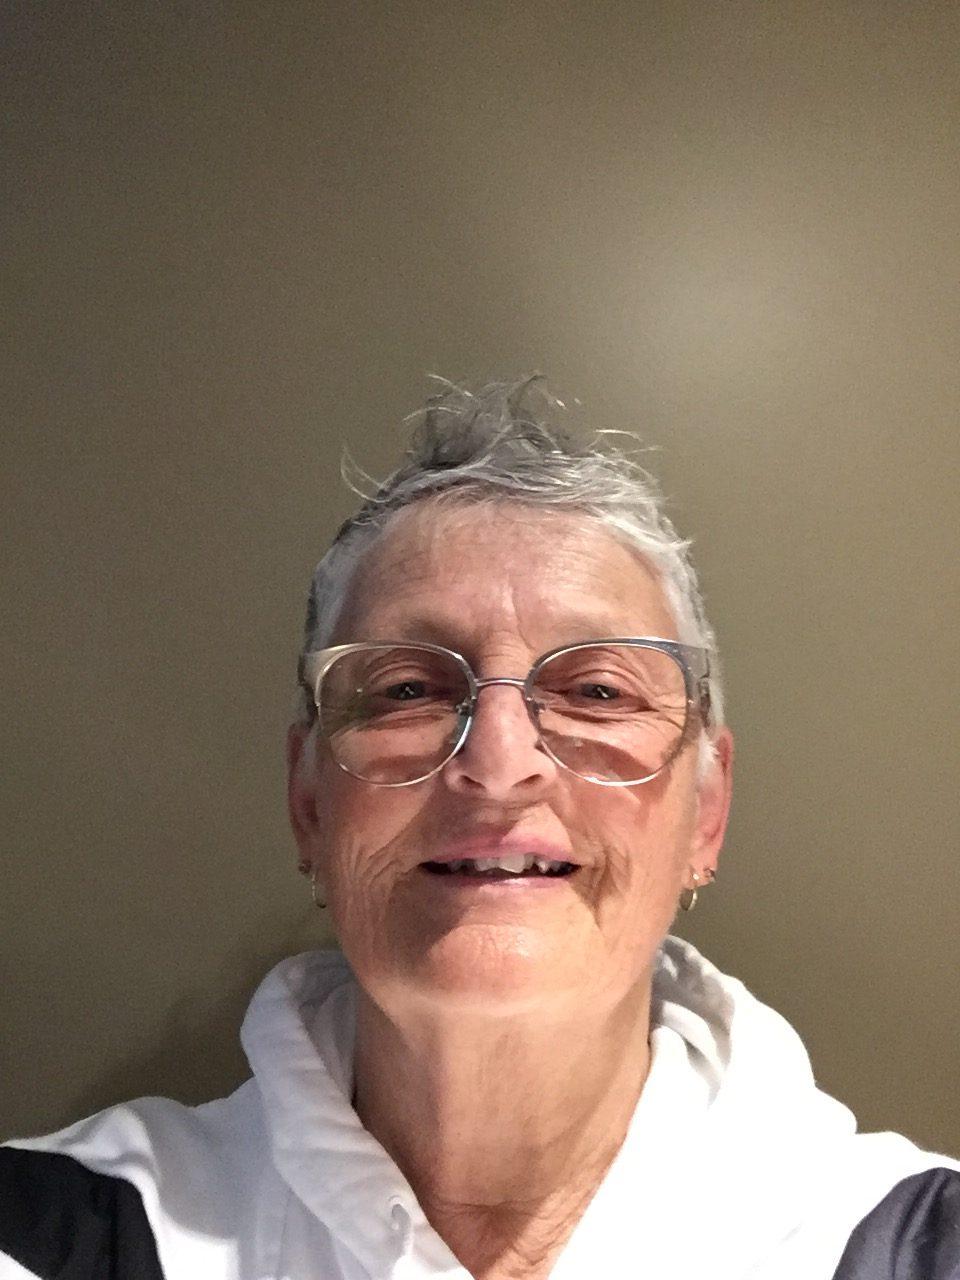 ABRPO facilitator Sheila Berry